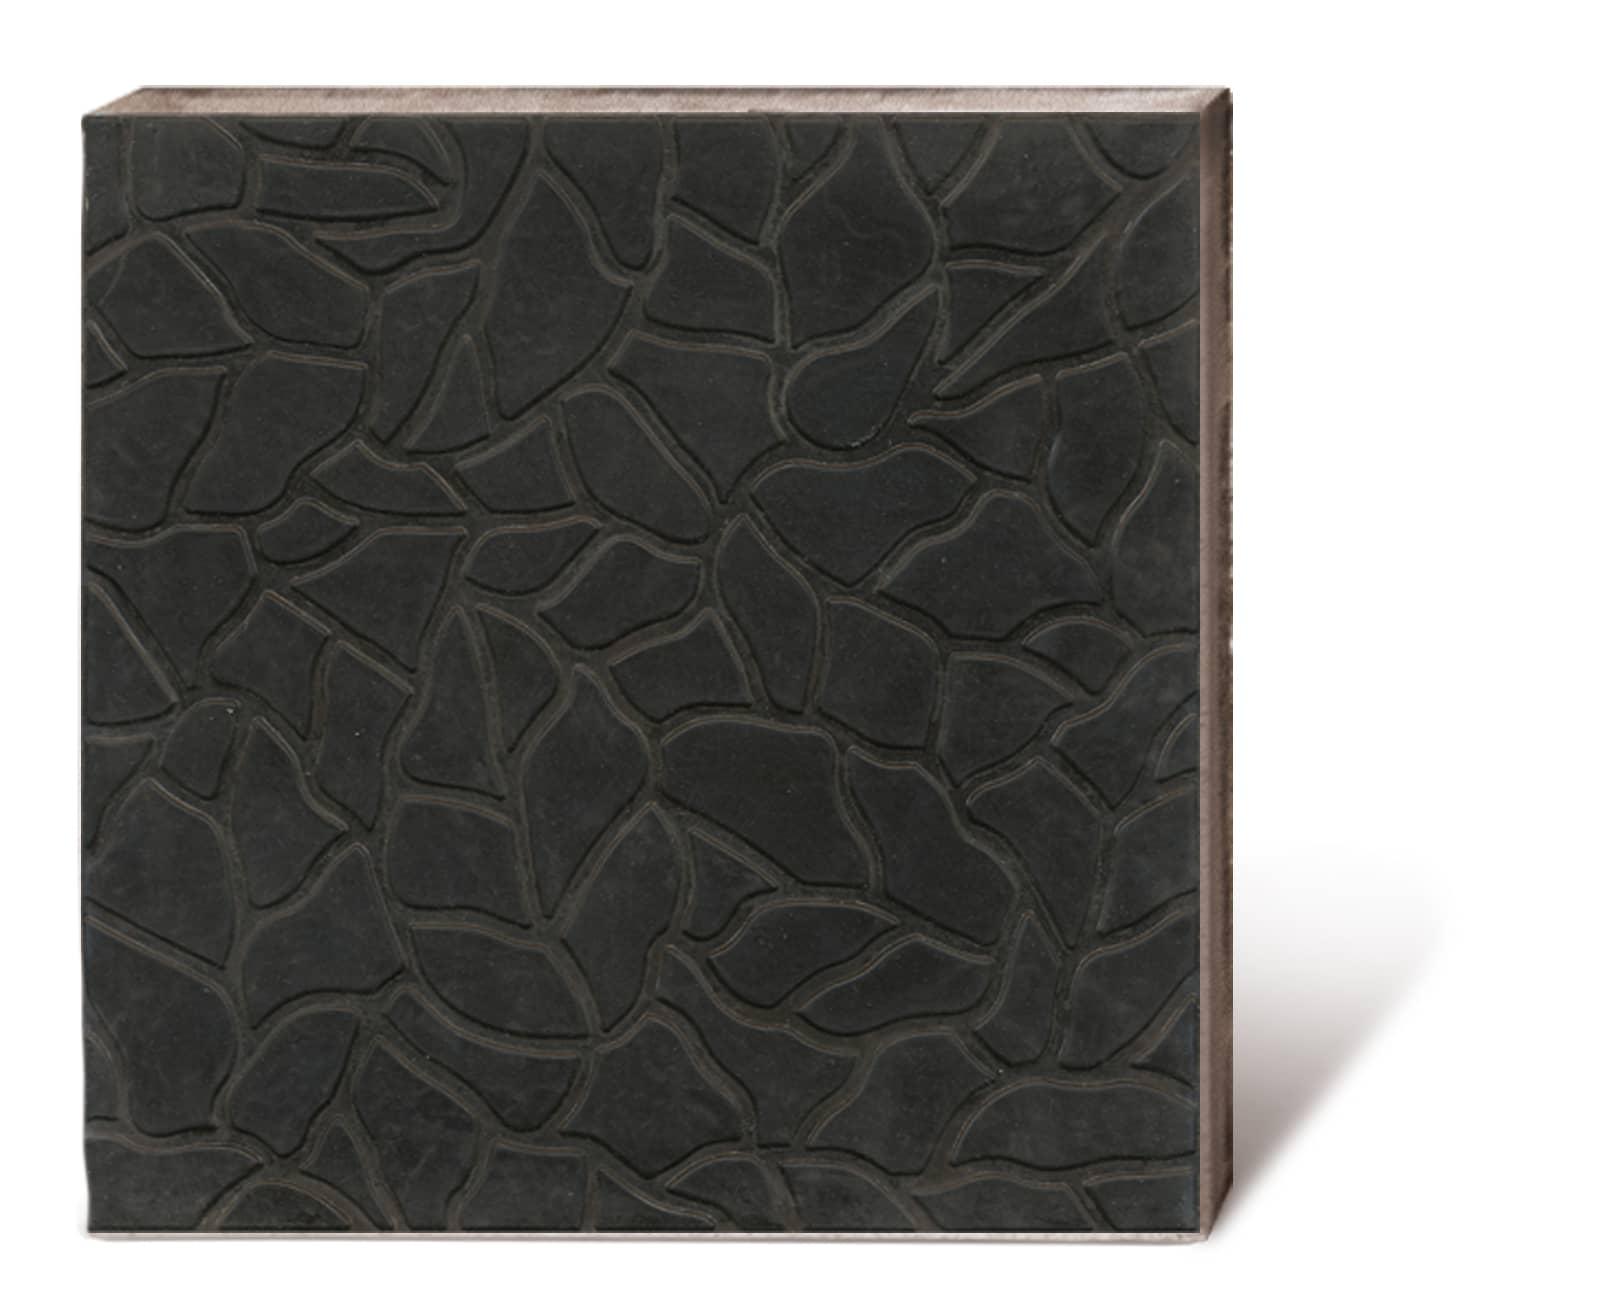 zementfliesen-terrazzofliesen-kreidefarbe-terrazzo-fugenlos-viaplatten-40660-3D